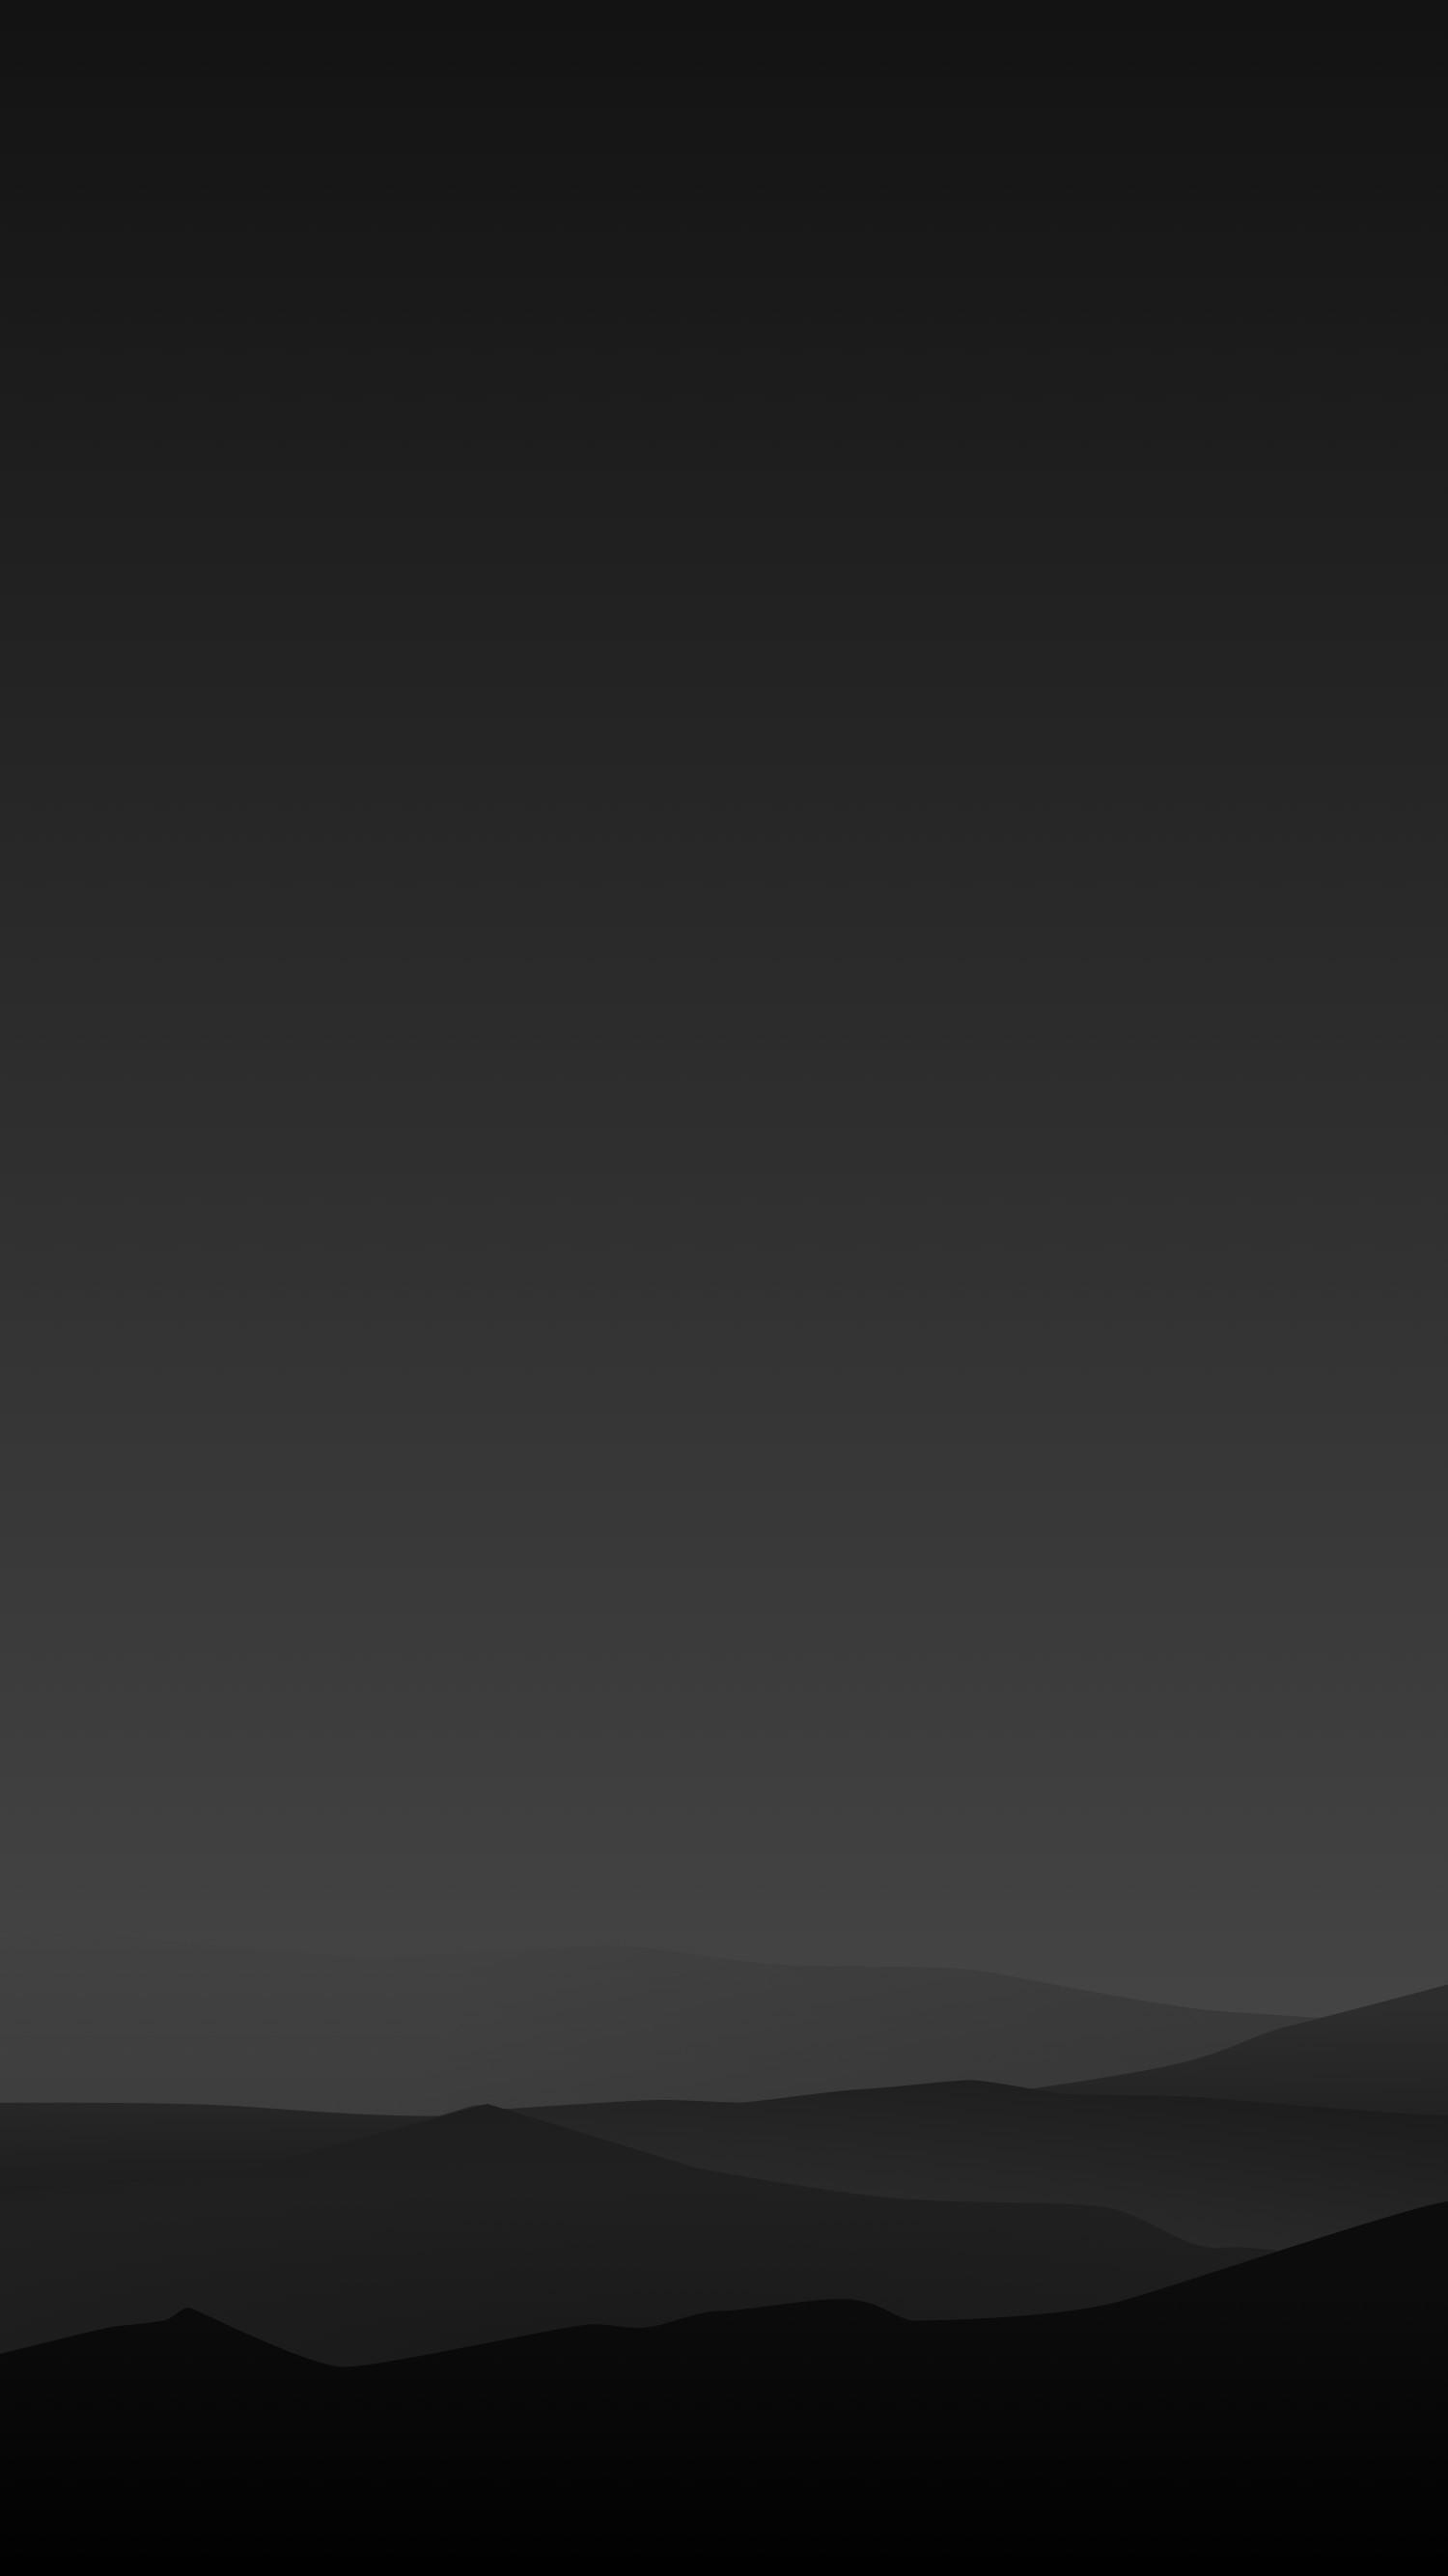 … iPad; Apple Watch; 4K. Alex Muench Minimalist Wallpaper …